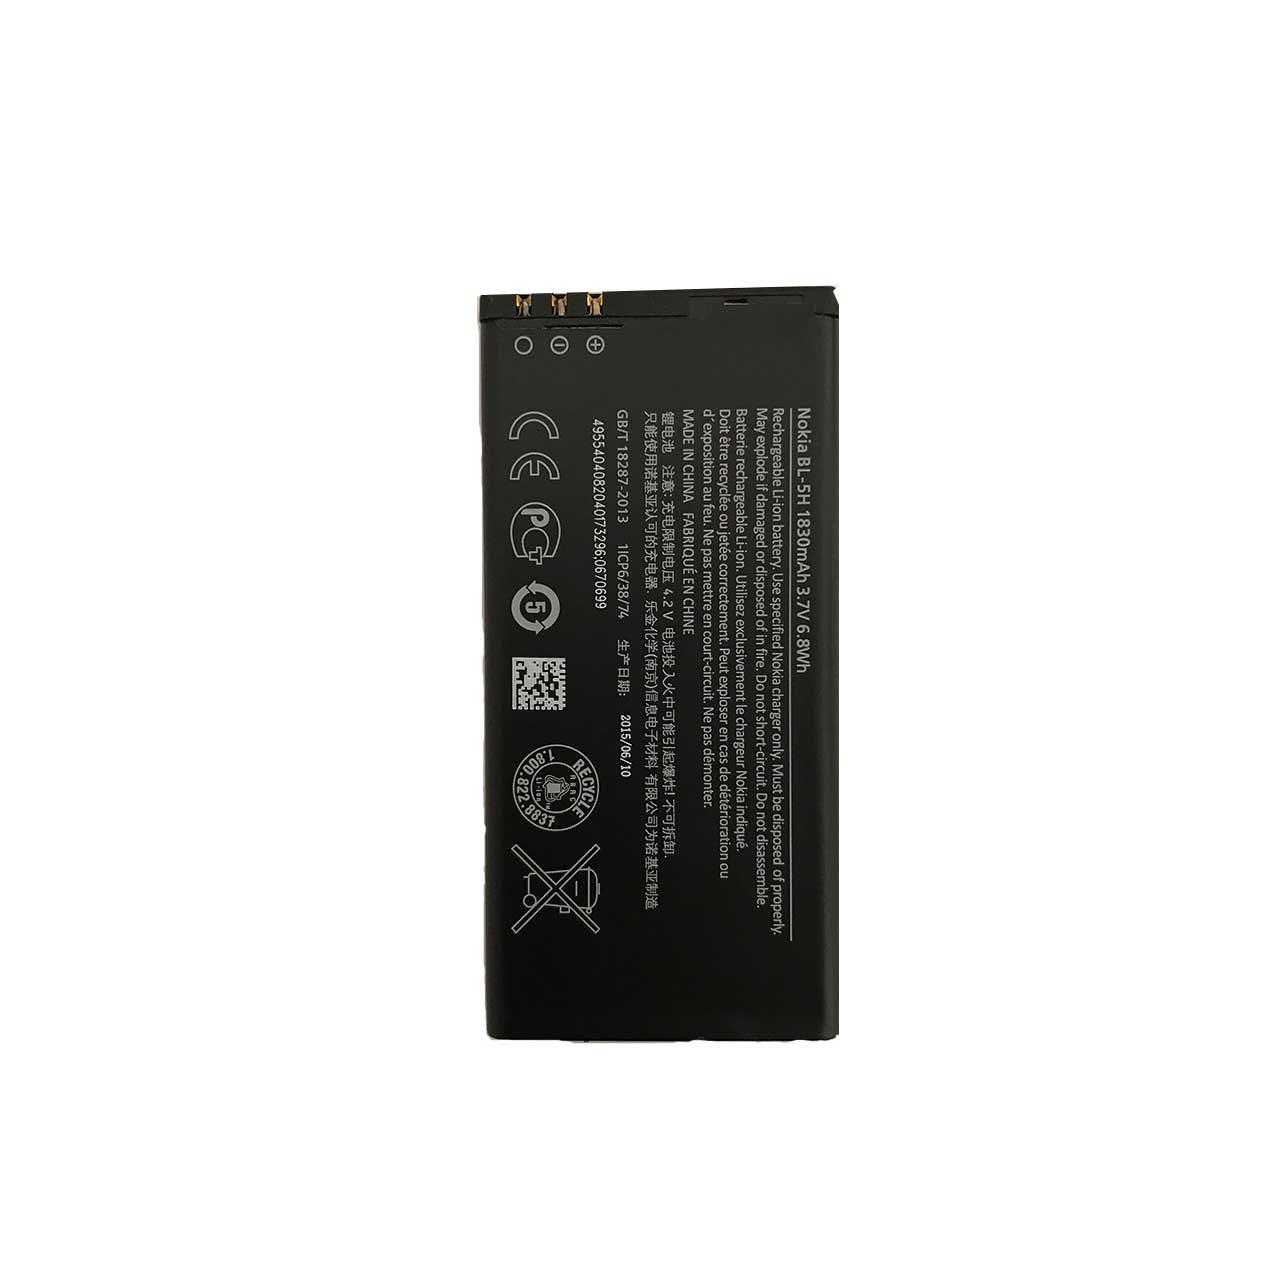 باتری  مدل BL-5H مناسب برای نوکیا لومیا 630